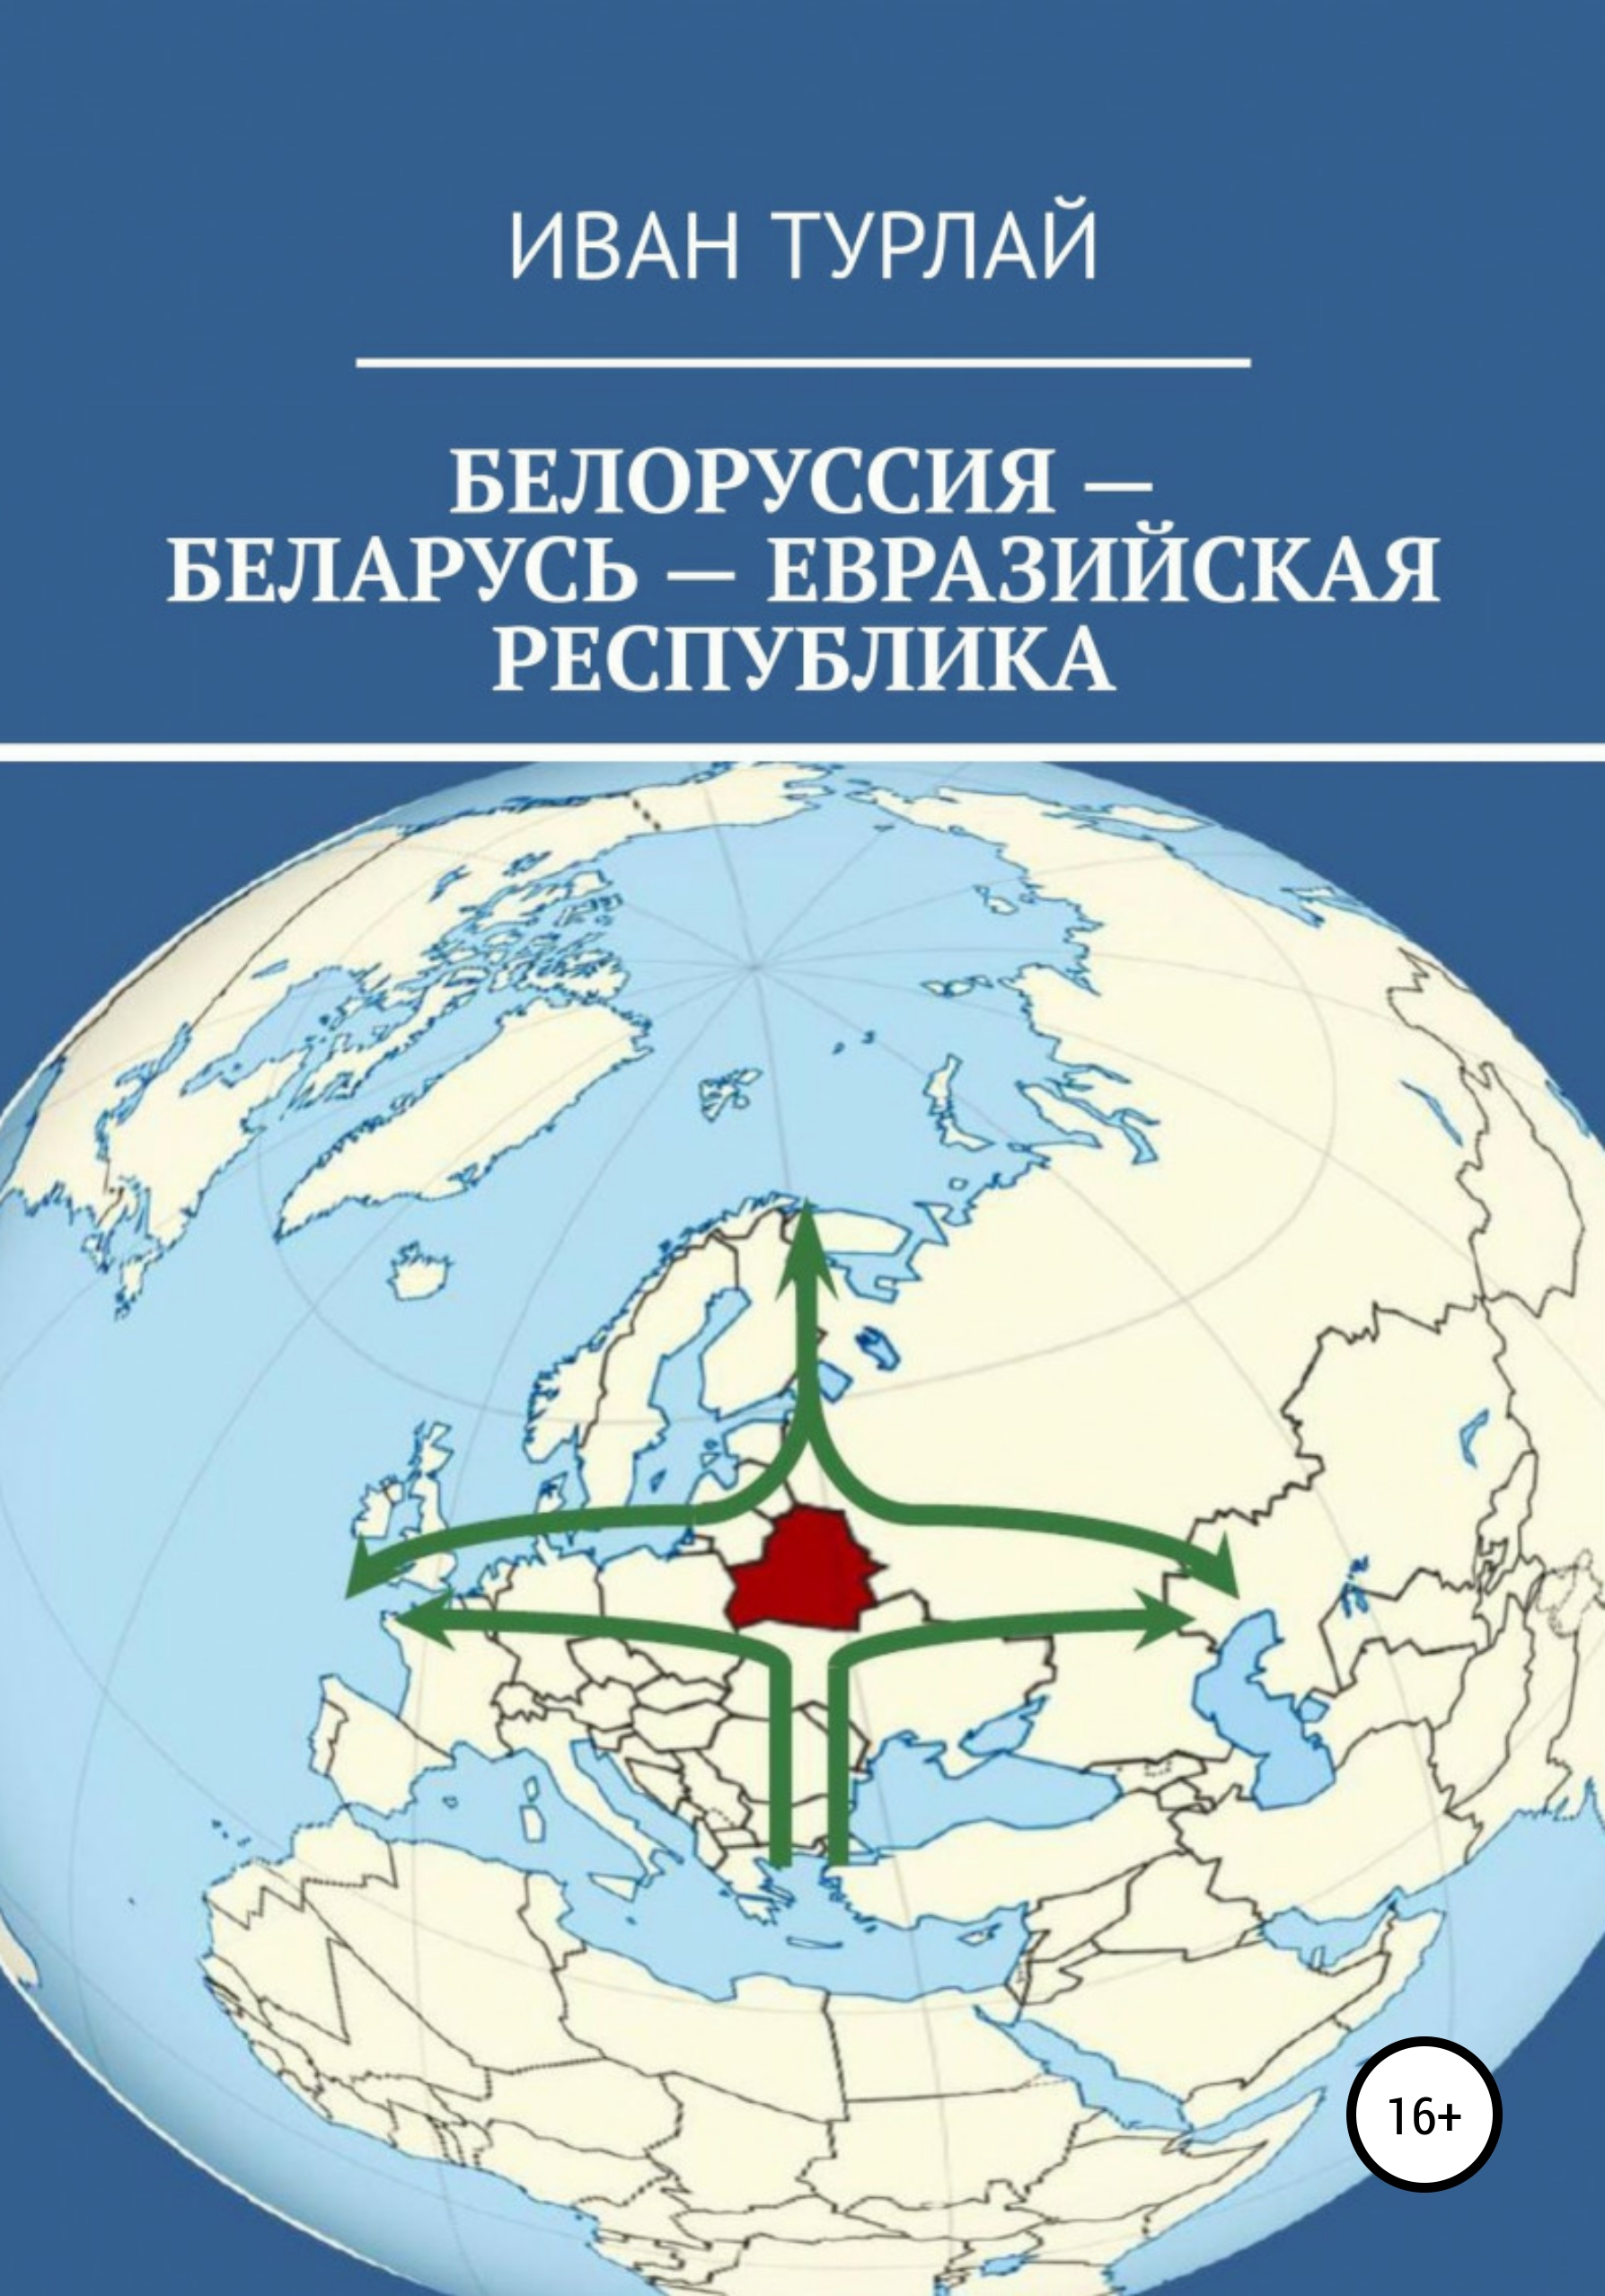 Белоруссия – Беларусь – евразийская республика